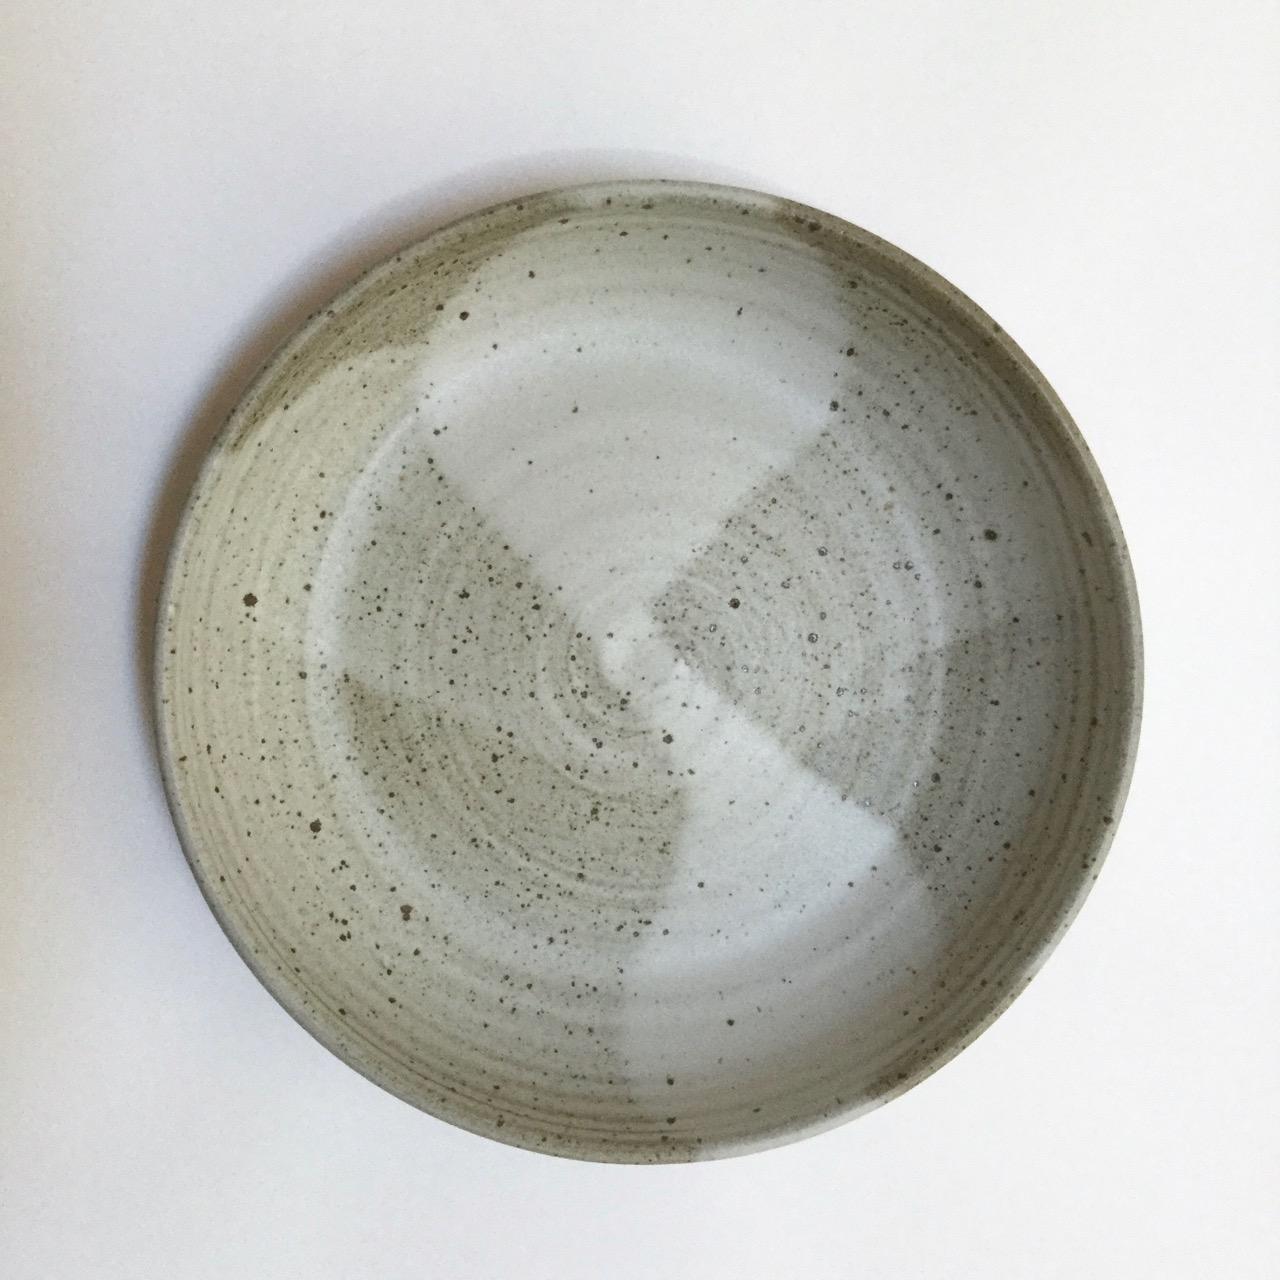 1117 Servingi bowl top.jpg